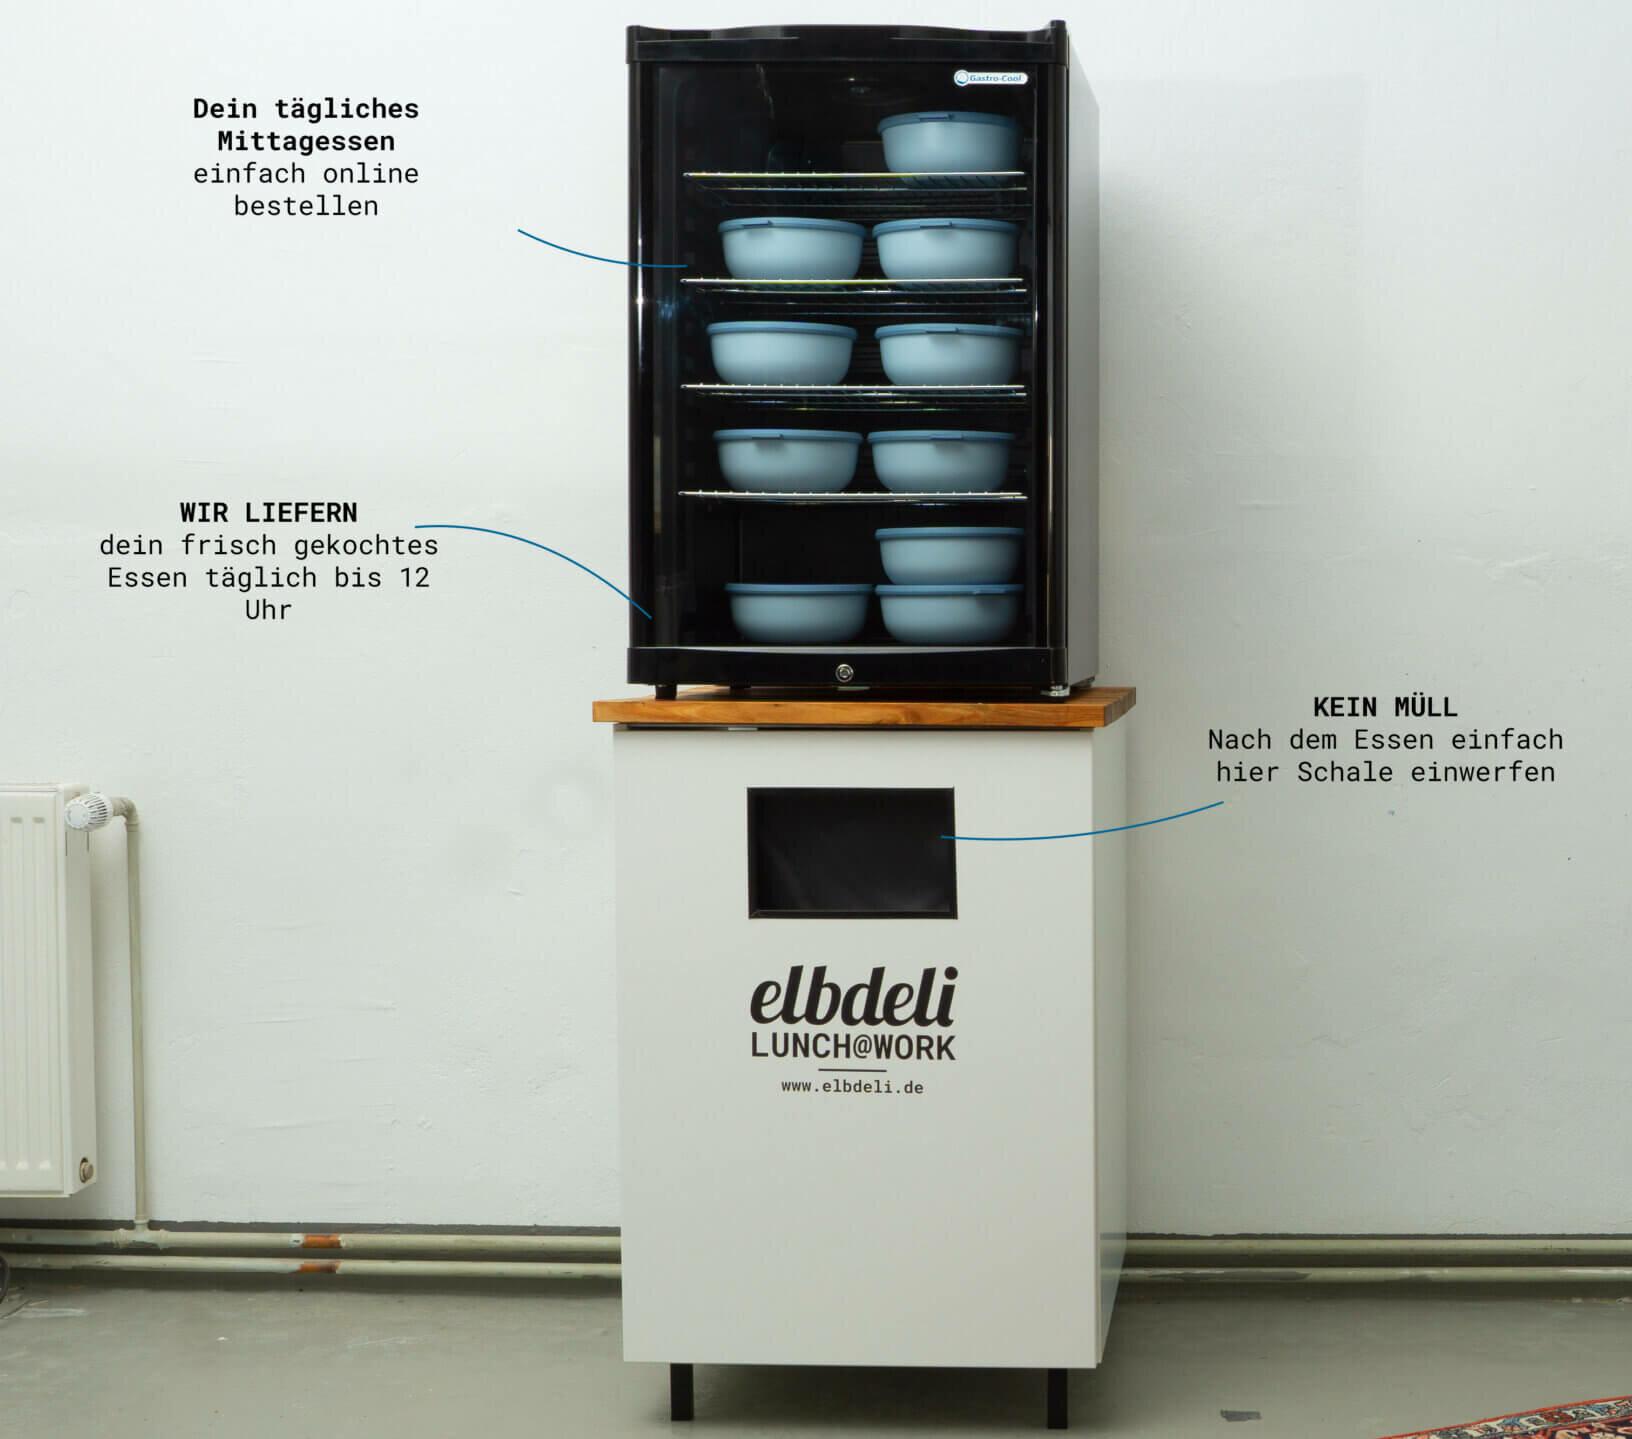 lunch@work - Kühlschrank und Rückgabebox